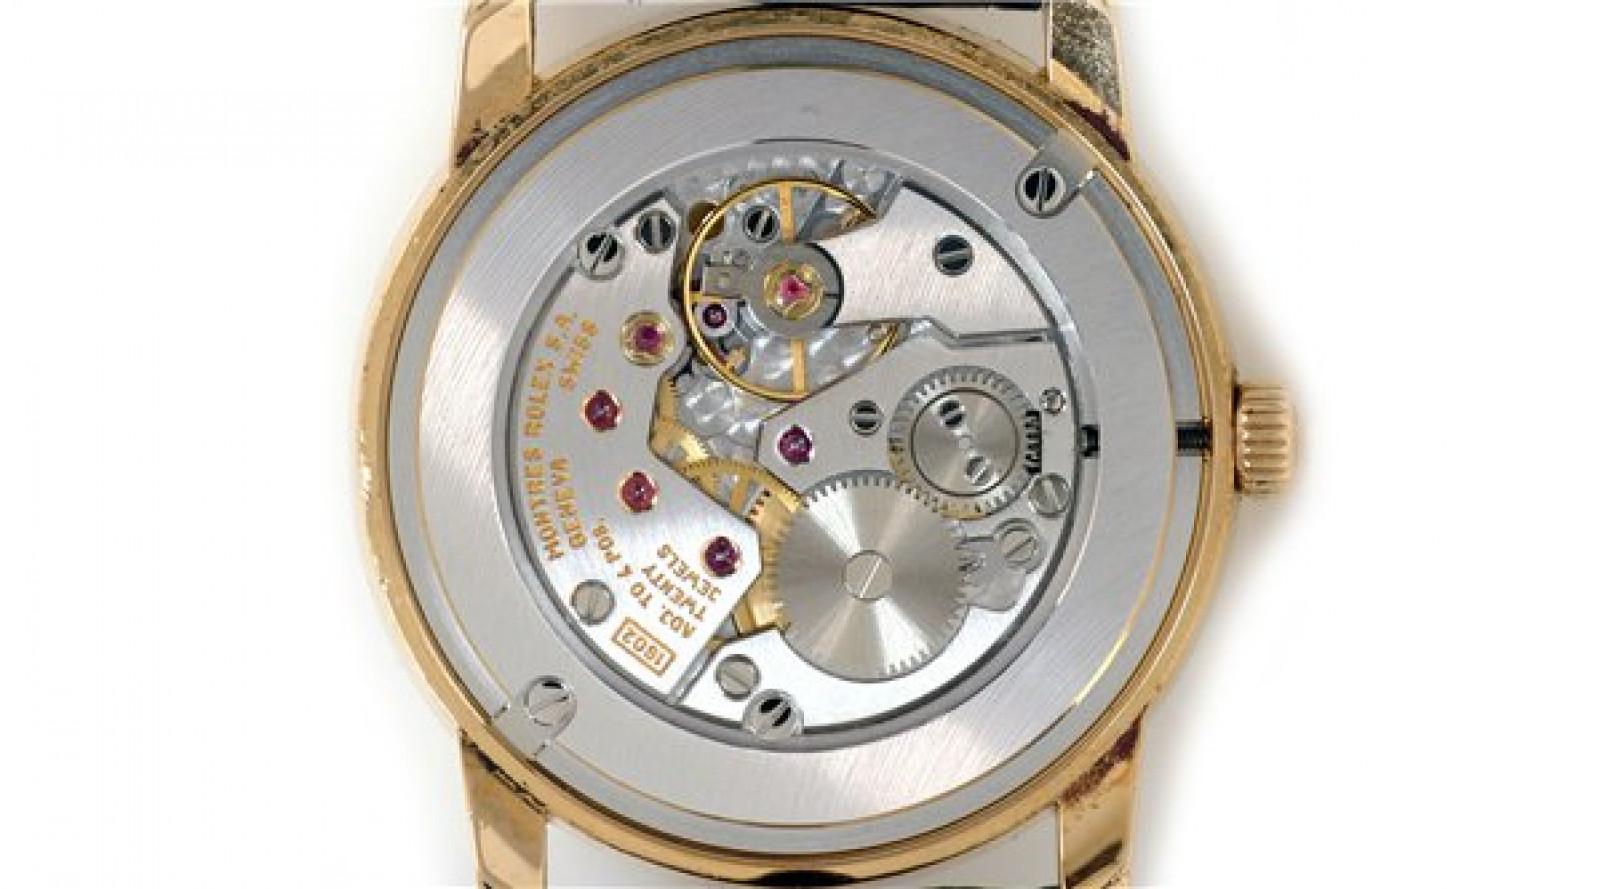 Rolex Cellini 5116 Gold 2001